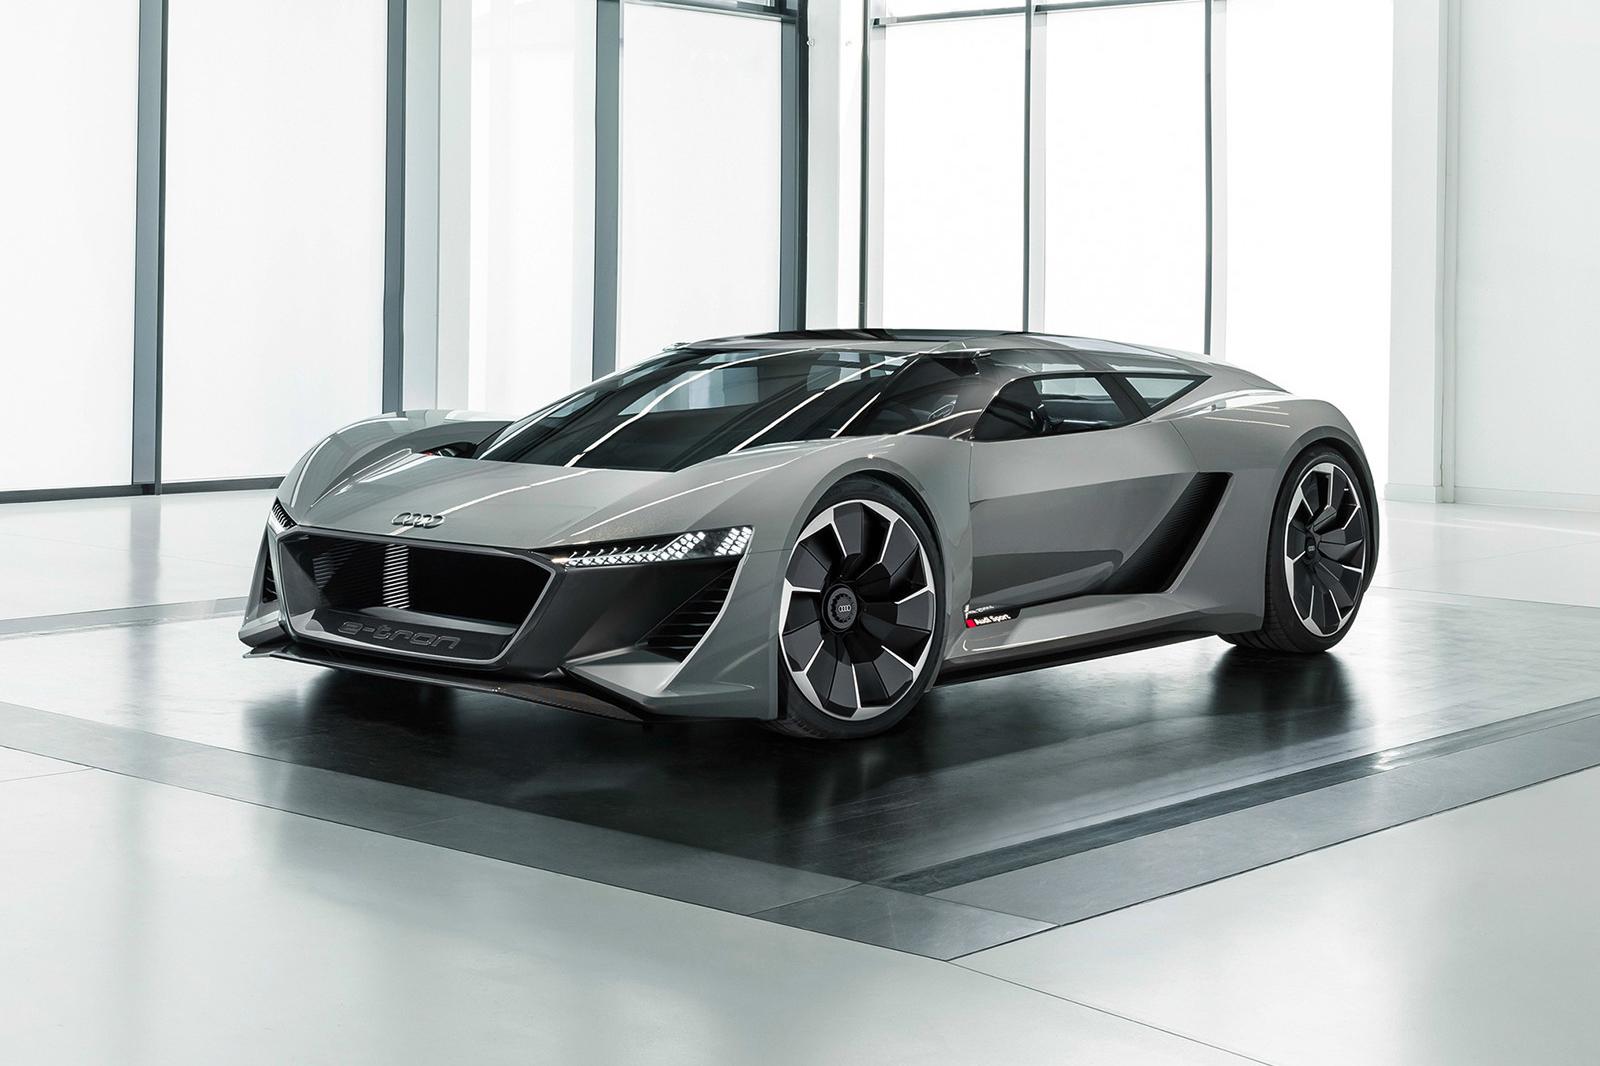 限量50台 奥迪PB18 e-tron纯电超跑车型将量产